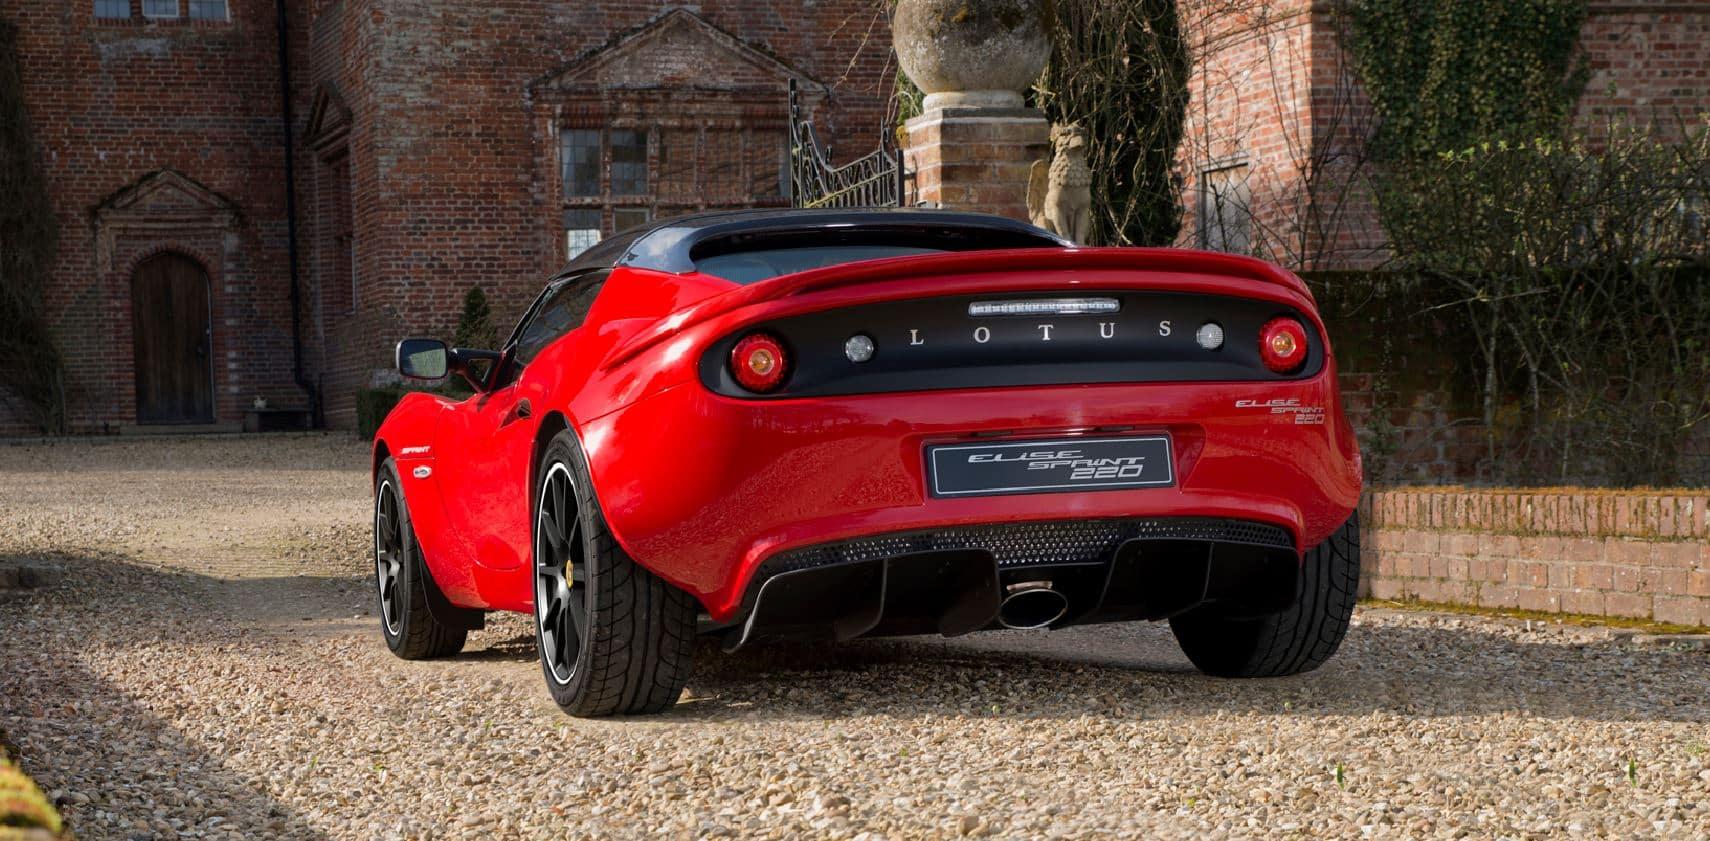 Lotus Elise Sprint 220 3